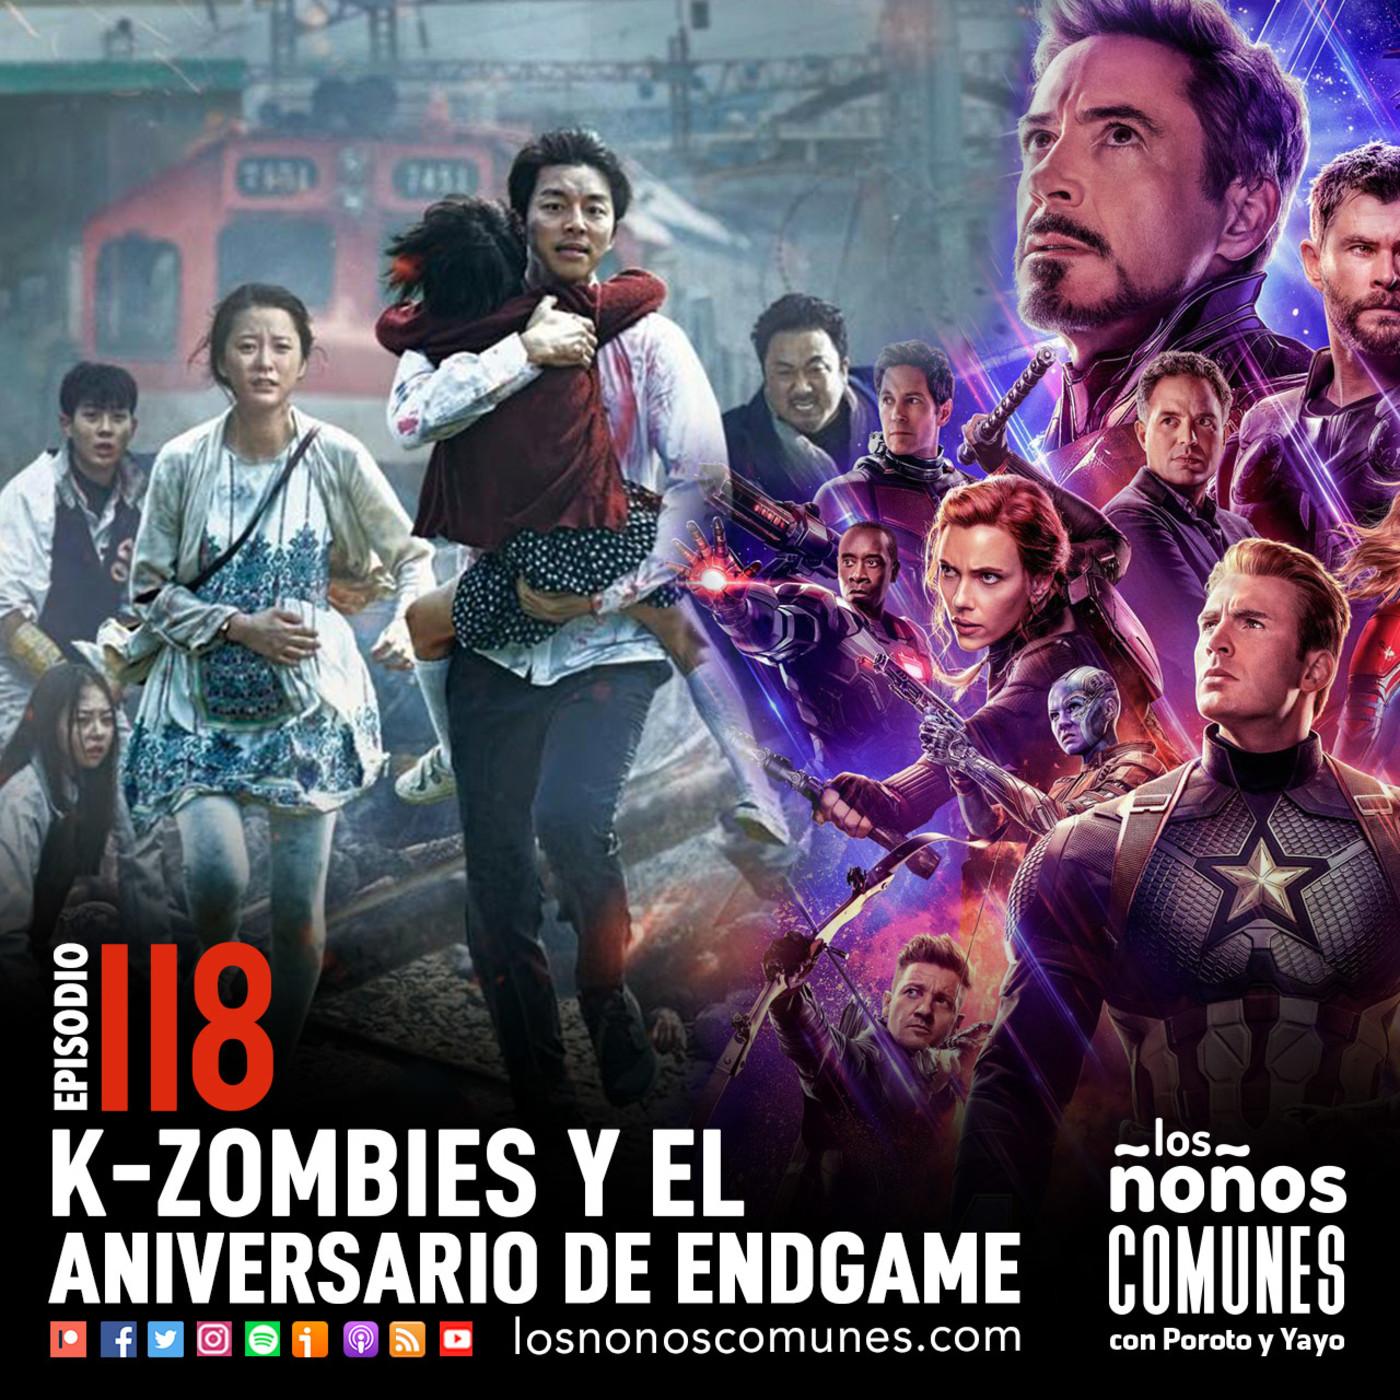 Ep 118: K-Zombies y el Aniversario de Endgame